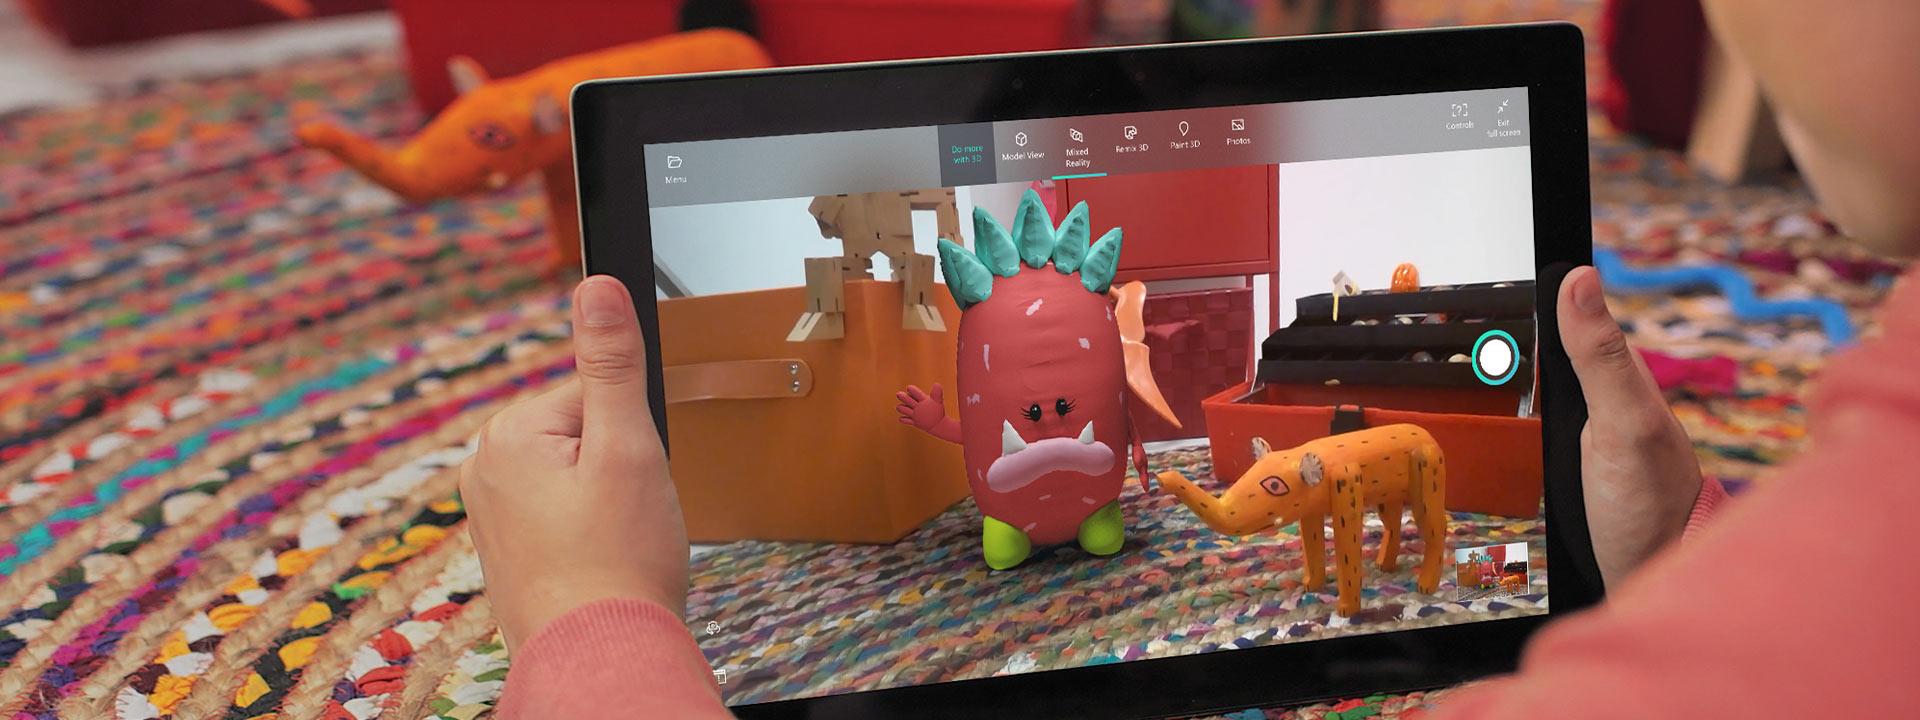 平板電腦以混合實境檢視器顯示 3D 創作